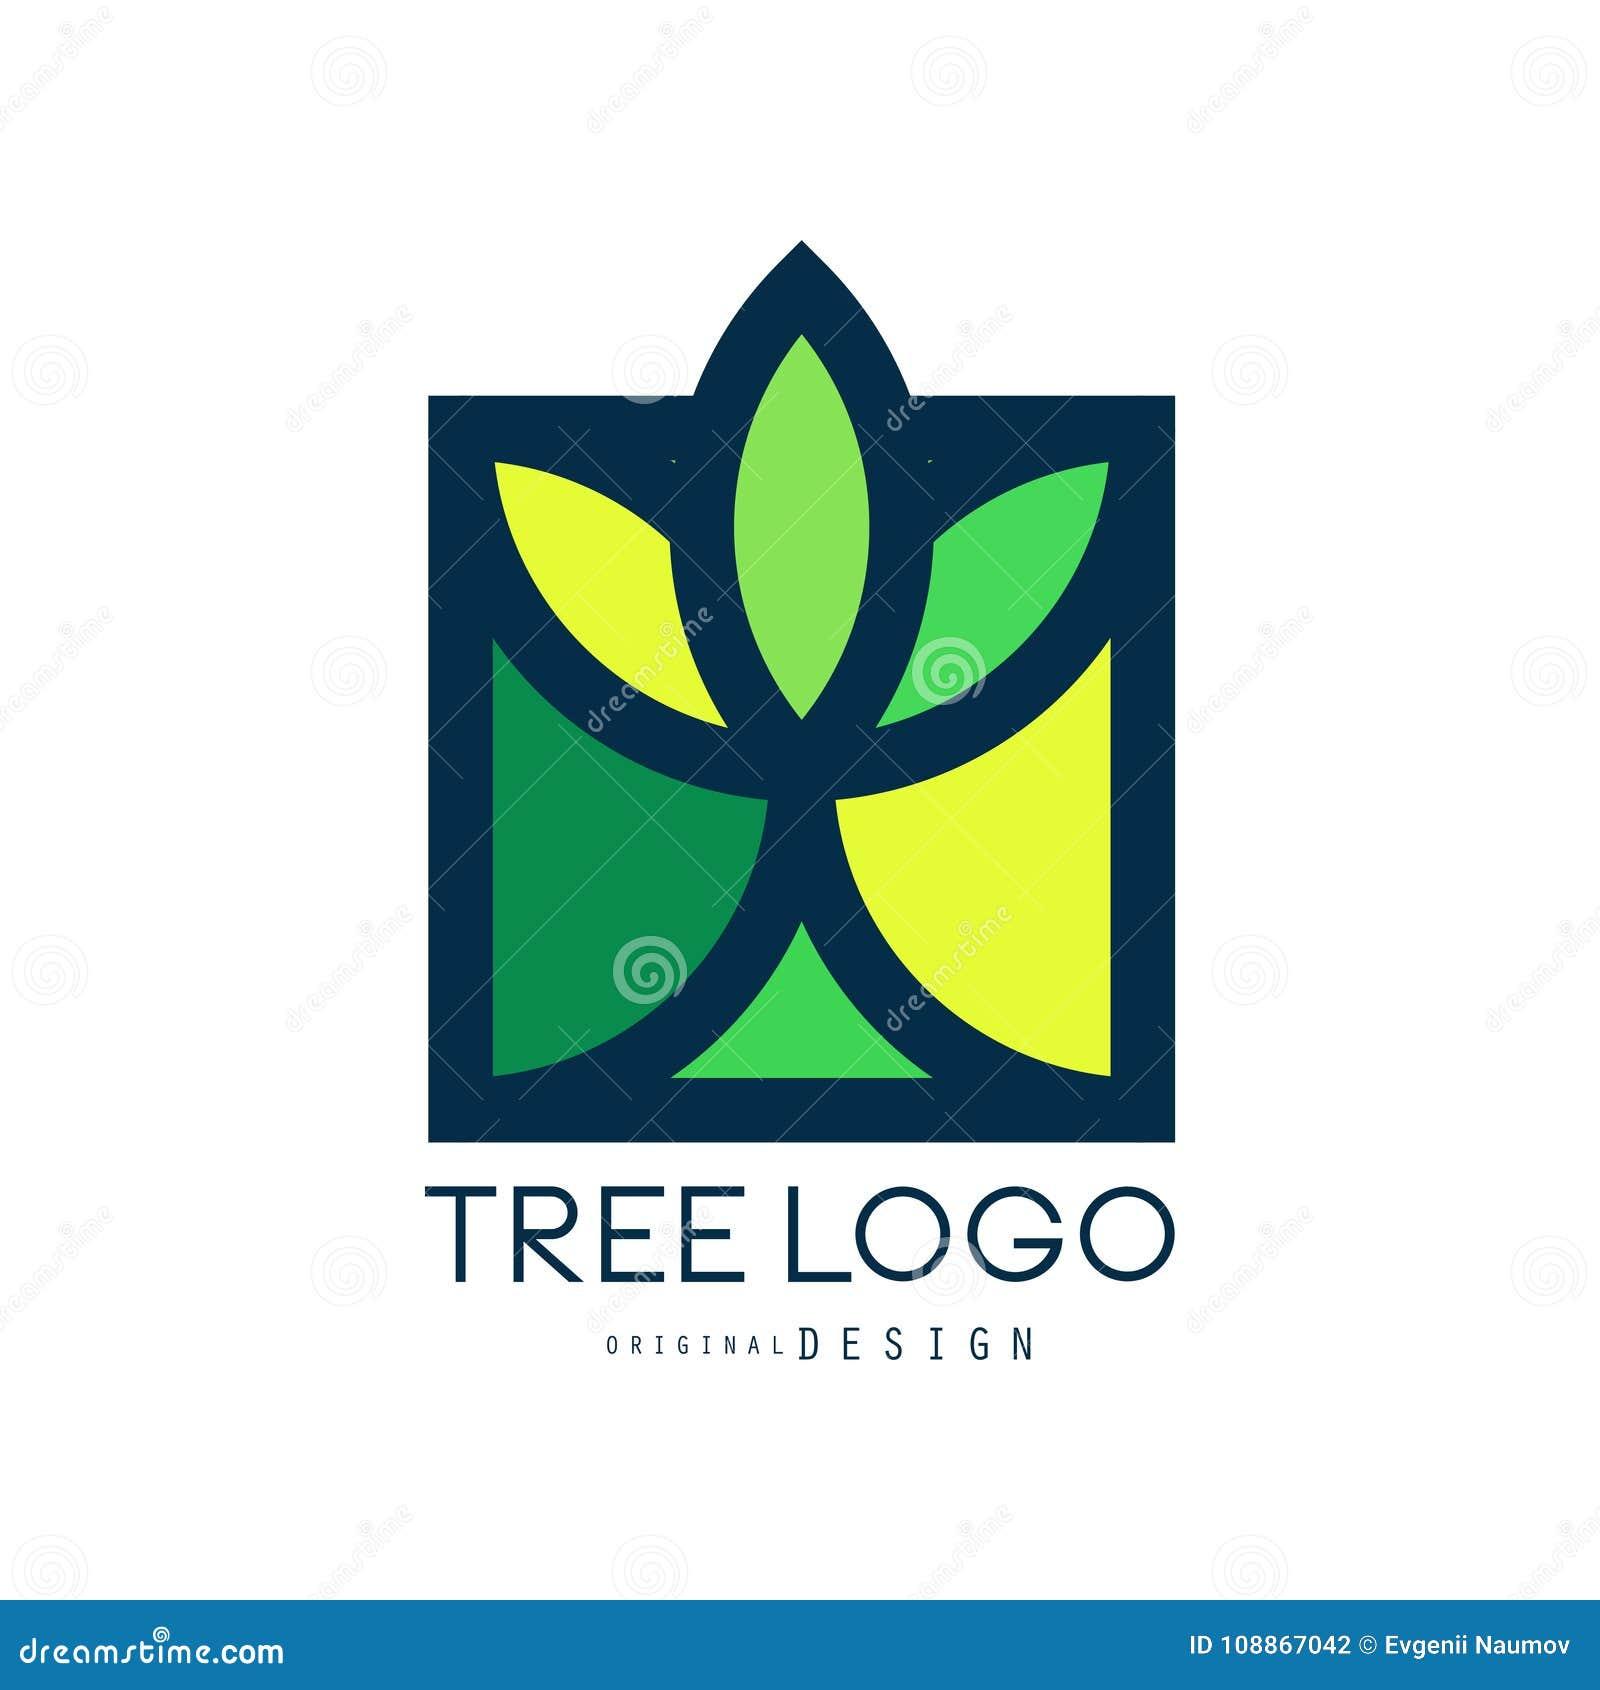 Το αρχικό σχέδιο λογότυπων δέντρων, πράσινο βιο διακριτικό eco, αφαιρεί την οργανική διανυσματική απεικόνιση στοιχείων